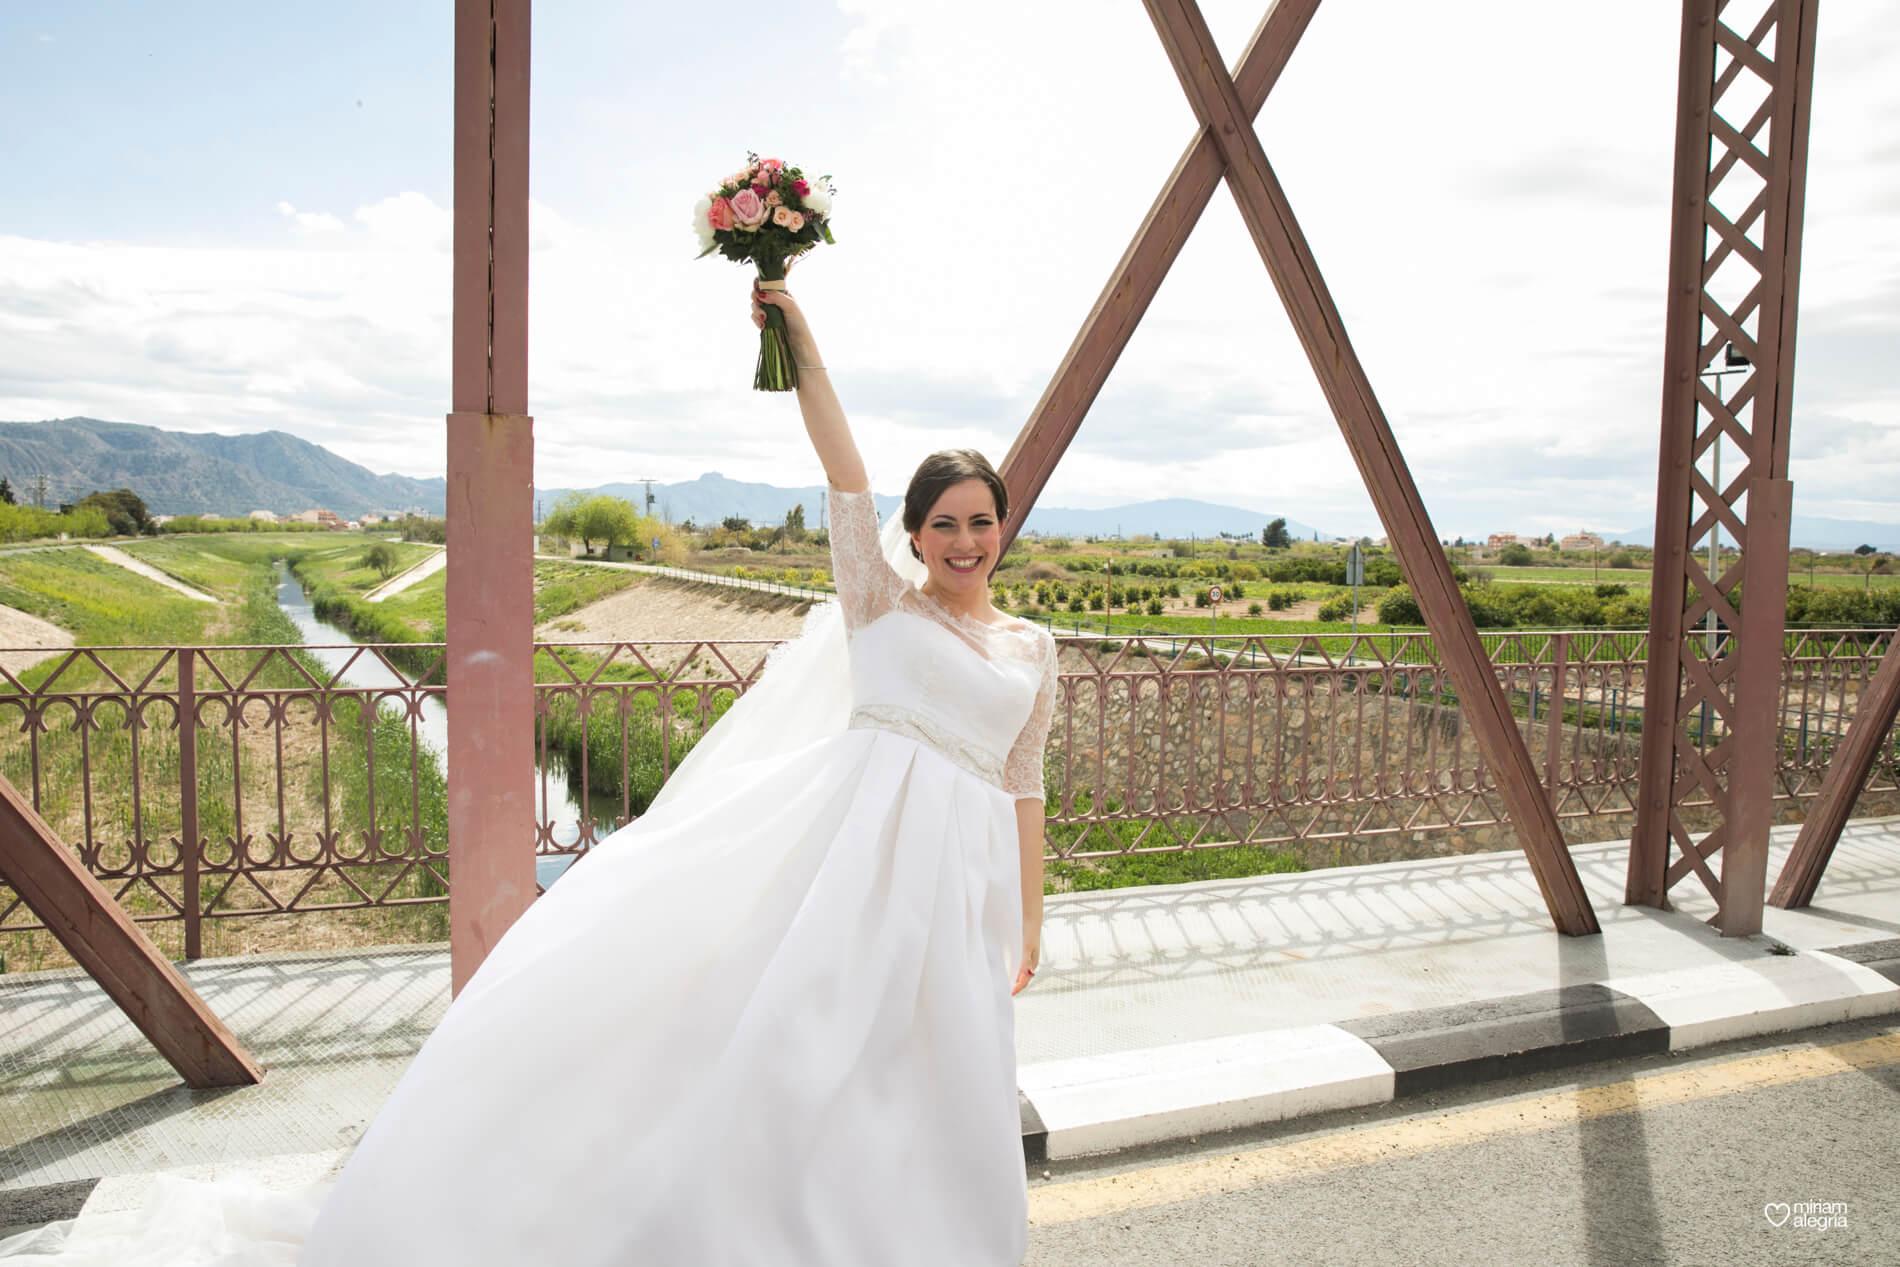 boda-en-el-rincon-huertano-miriam-alegria-fotografos-boda-murcia-94